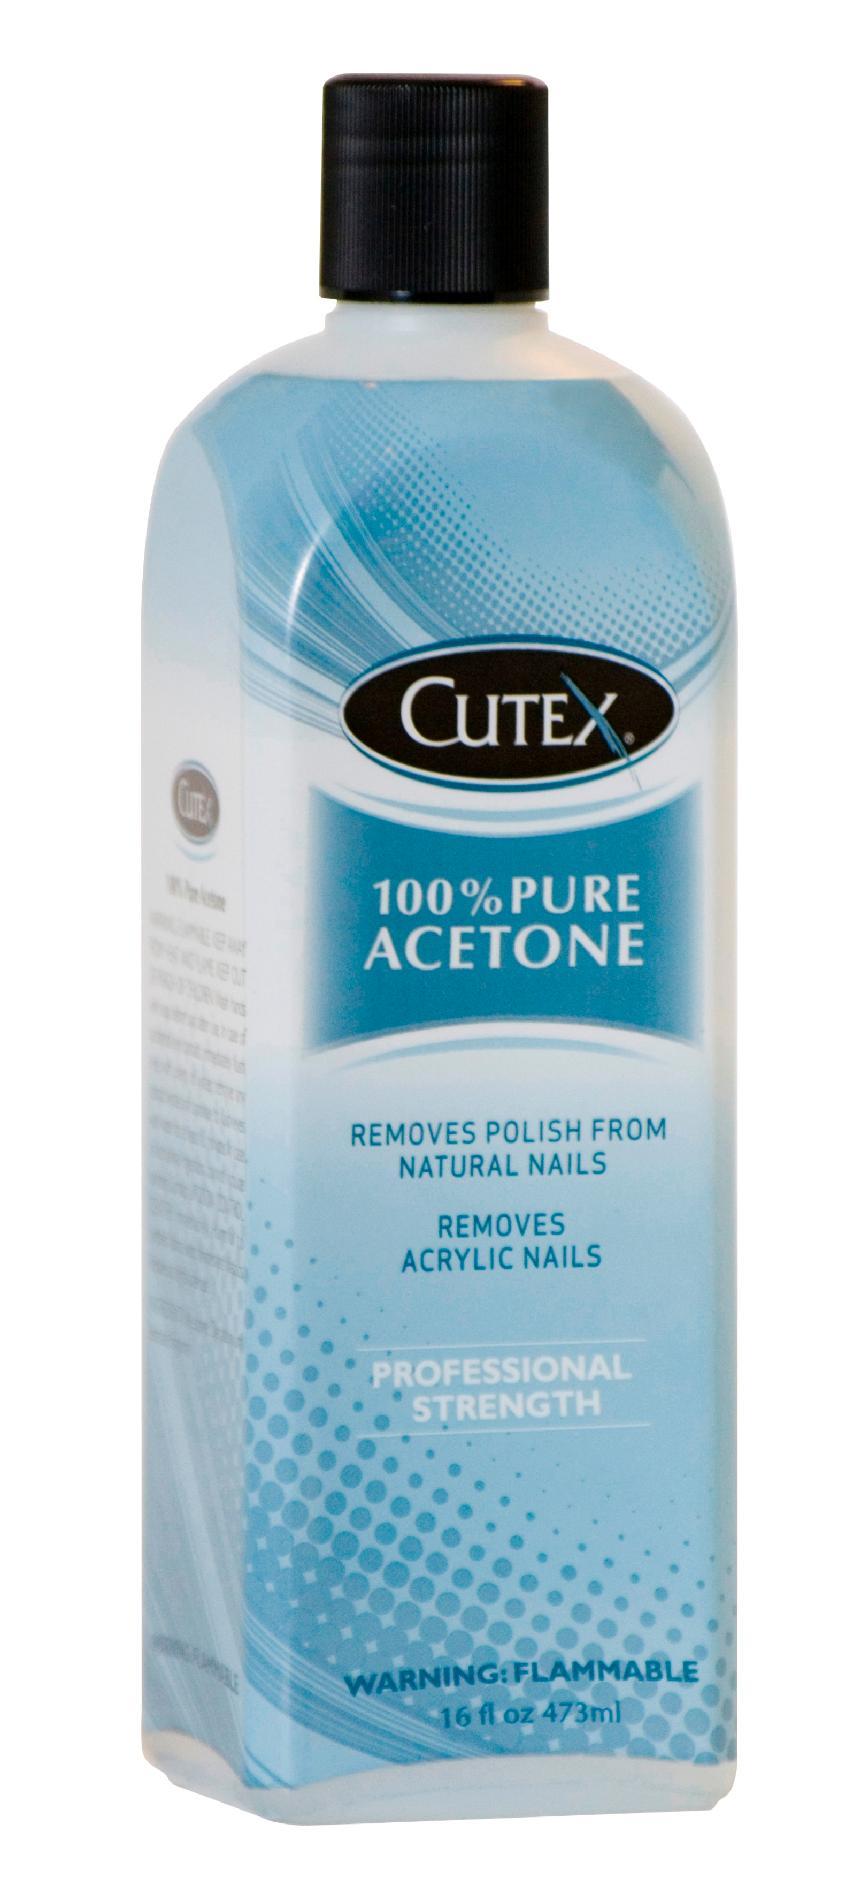 Cutex 16 Oz 100% Pure Acetone